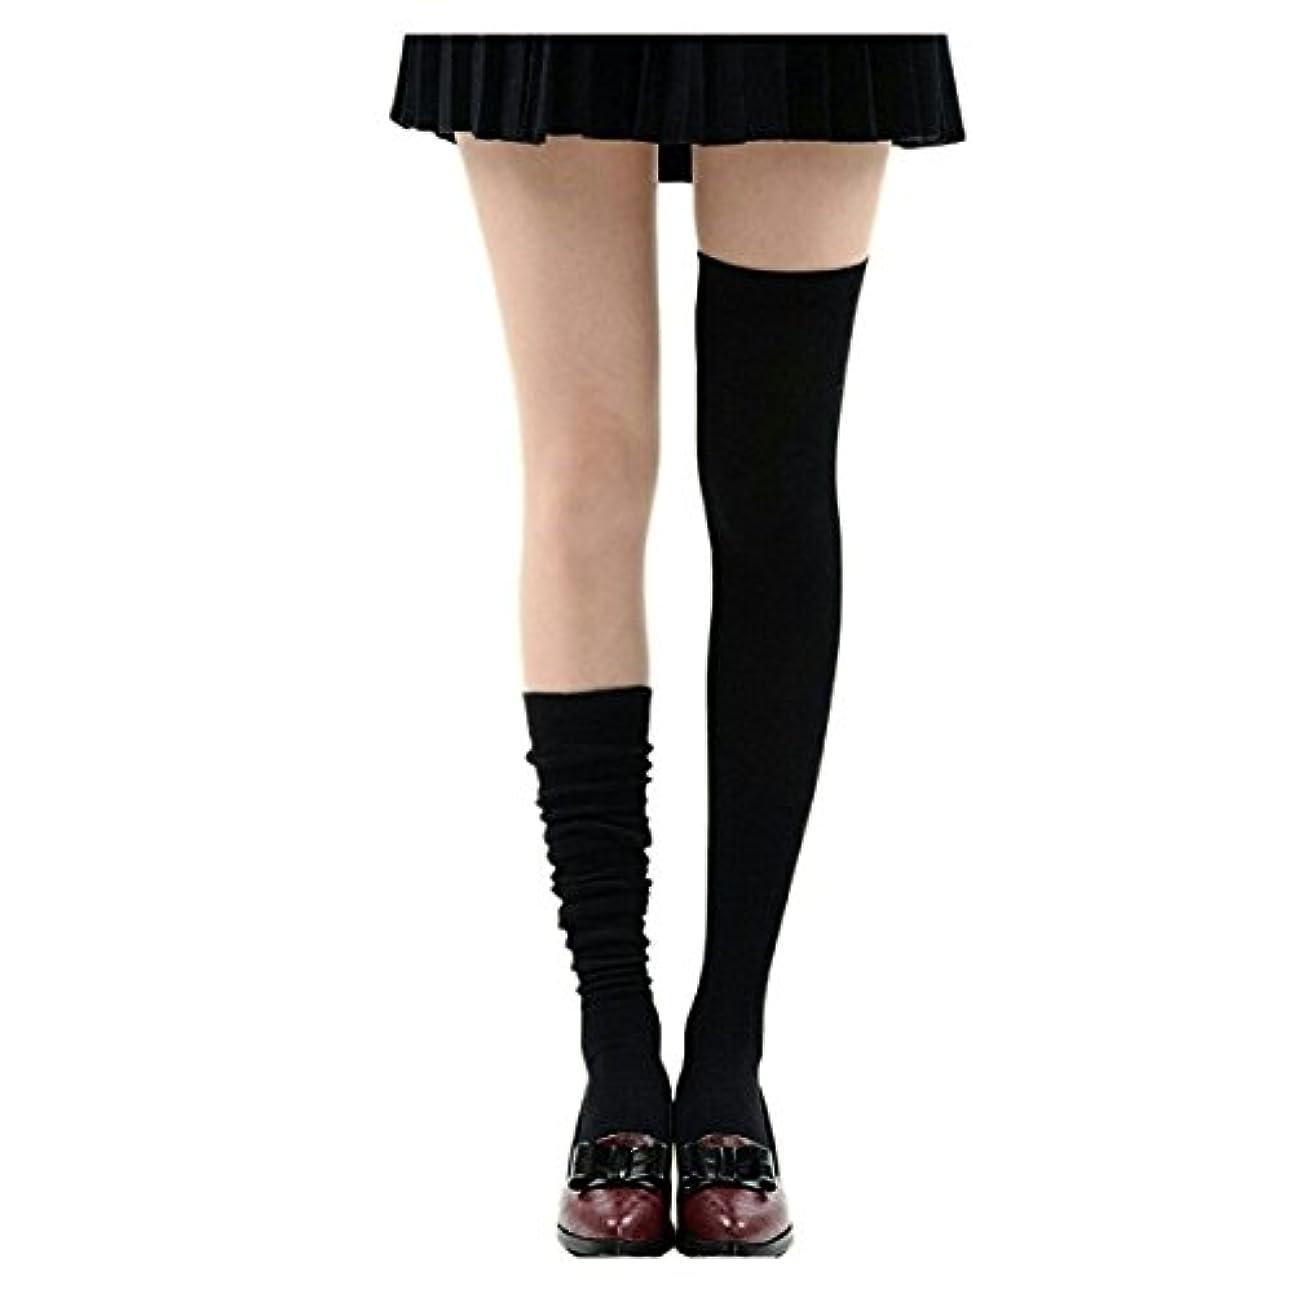 ヒットマインドフル反逆者Manu20 トップ弾力性 女子高生の靴下 サイハイソックス スッキリ 美脚 着圧オーバーニーソックス